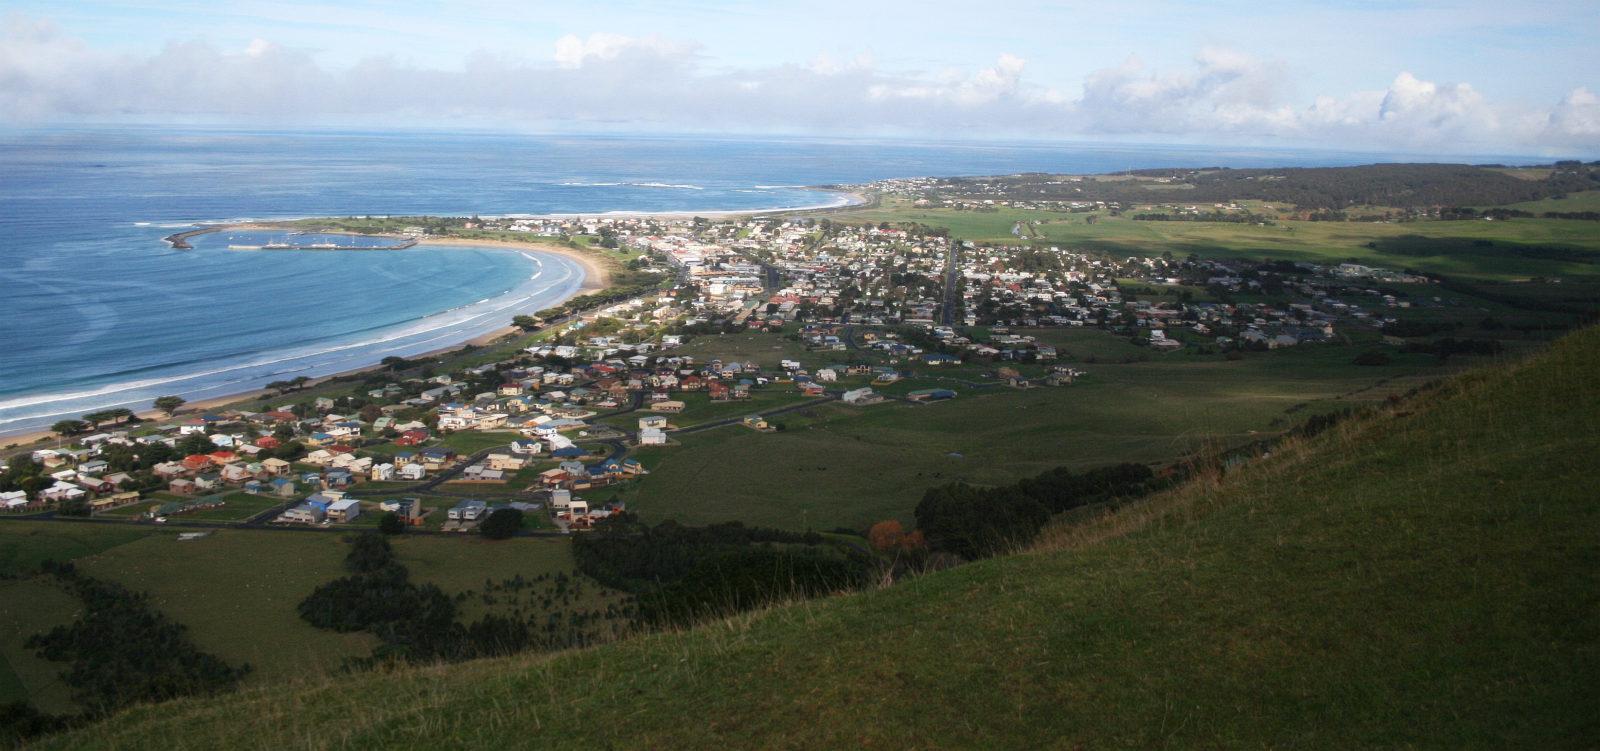 Apollo Bay from Mariners Lookout - 5 thị trấn bạn nên ghé thăm khi đi Great Ocean Road